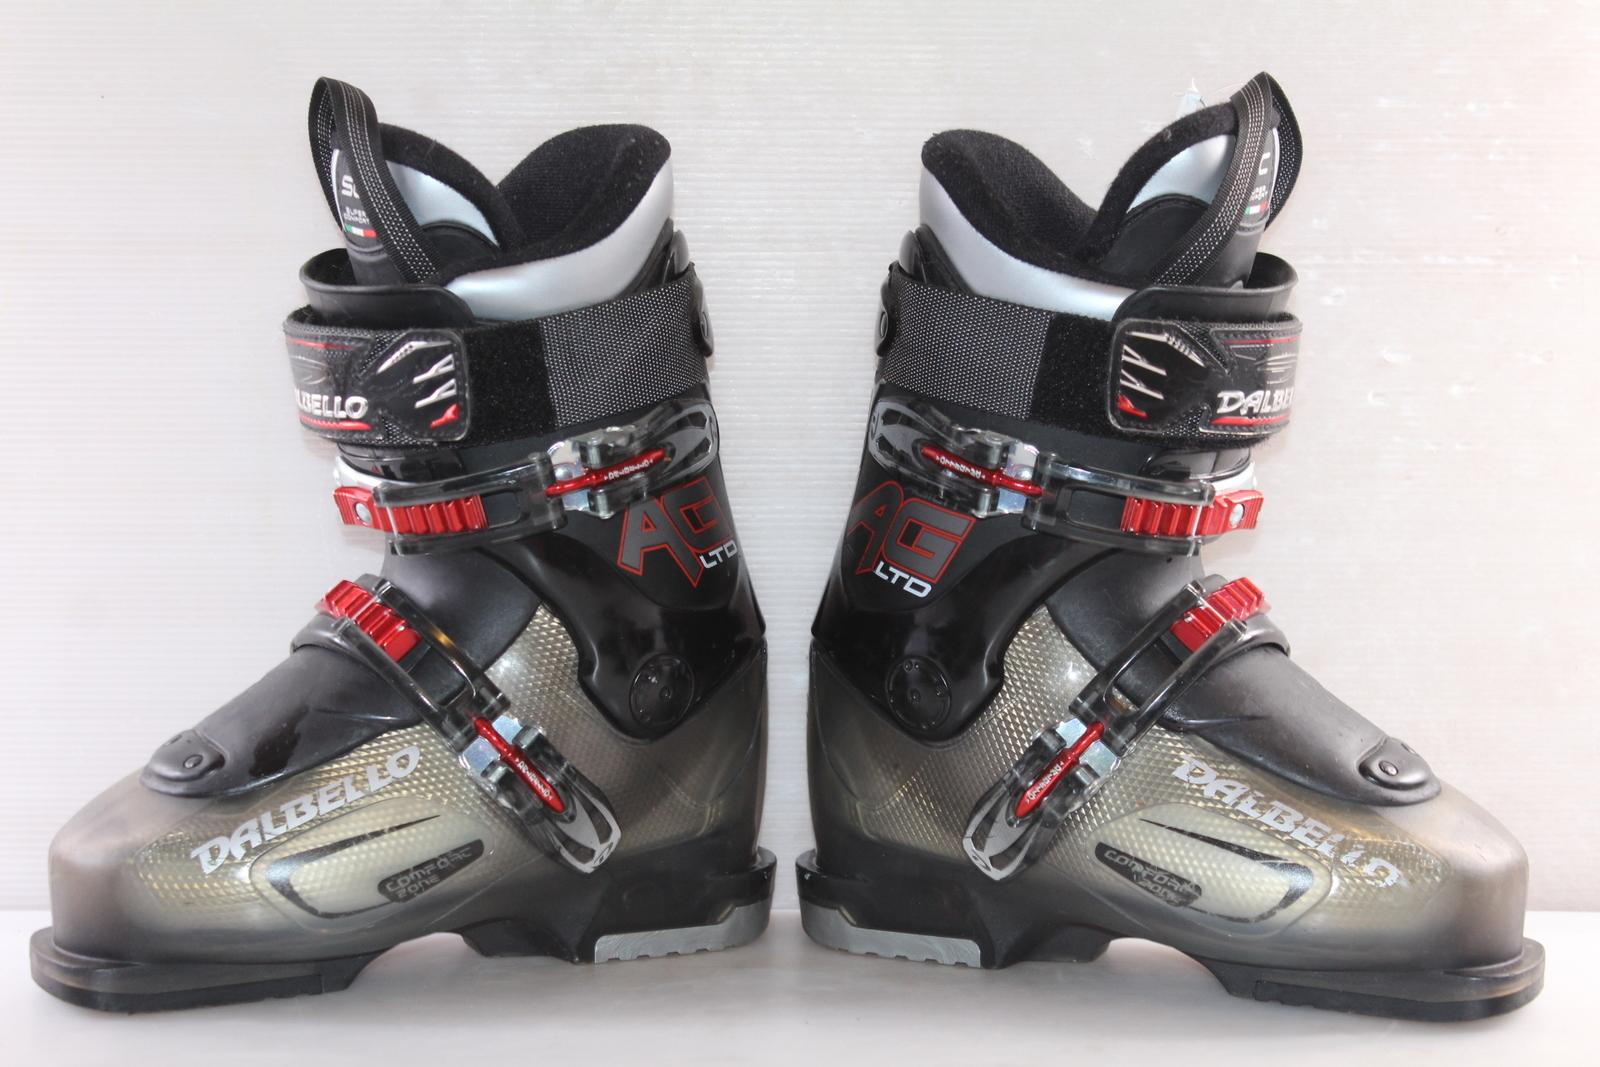 Lyžařské boty Dalbello AG Ltd vel. EU38.5